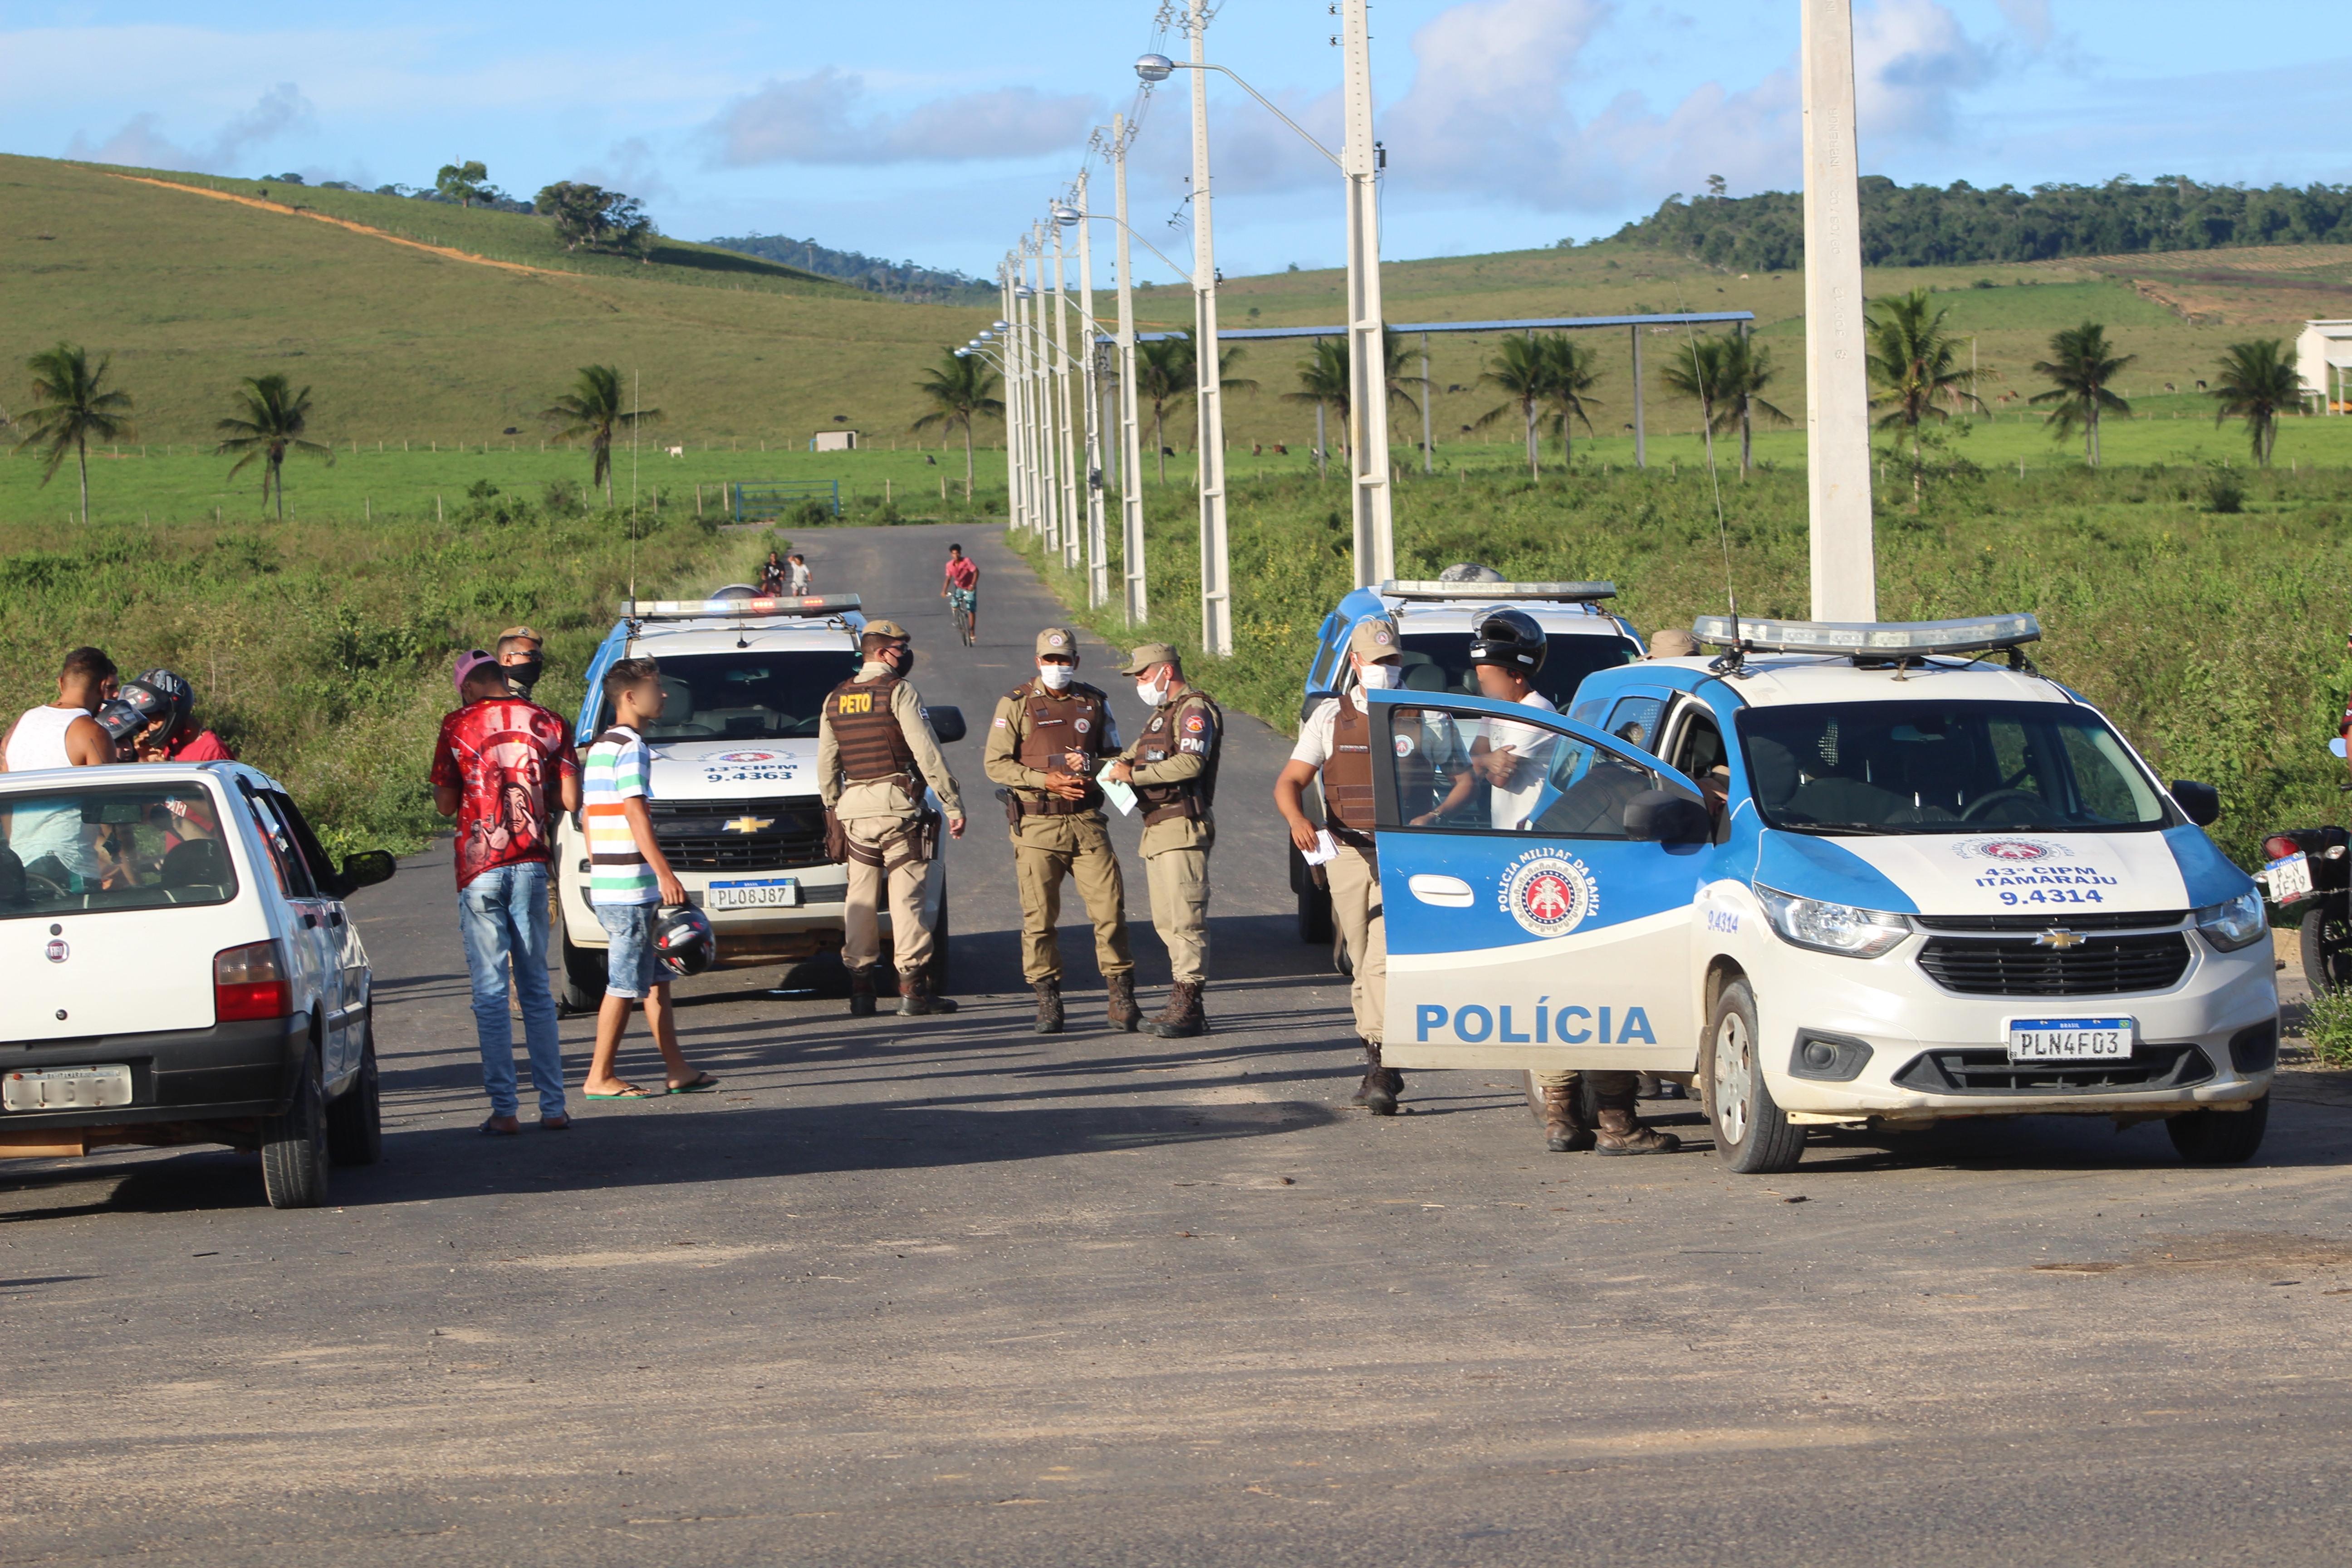 Operação Conjunta entre forças de segurança encerra racha em área industrial de Itamaraju e motos são apreendidas